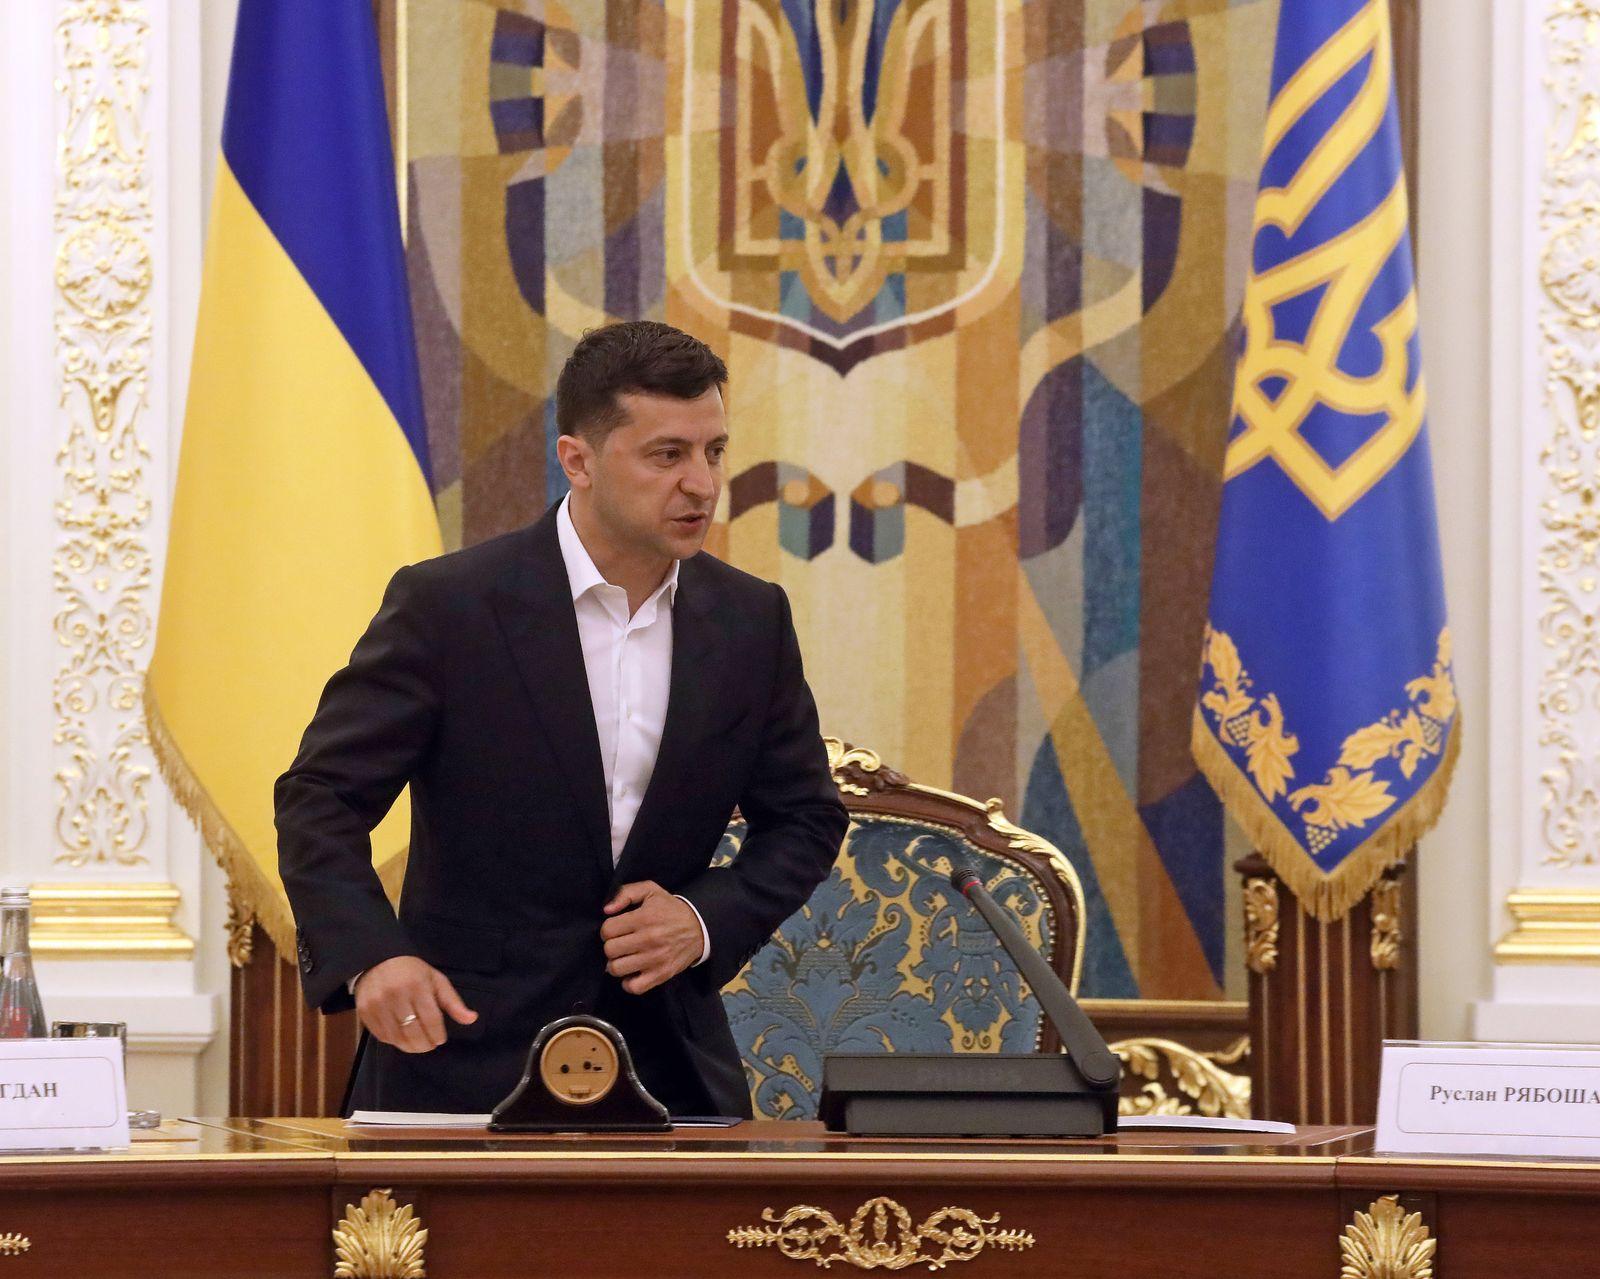 Nach der Präsidentenwahl in der Ukraine